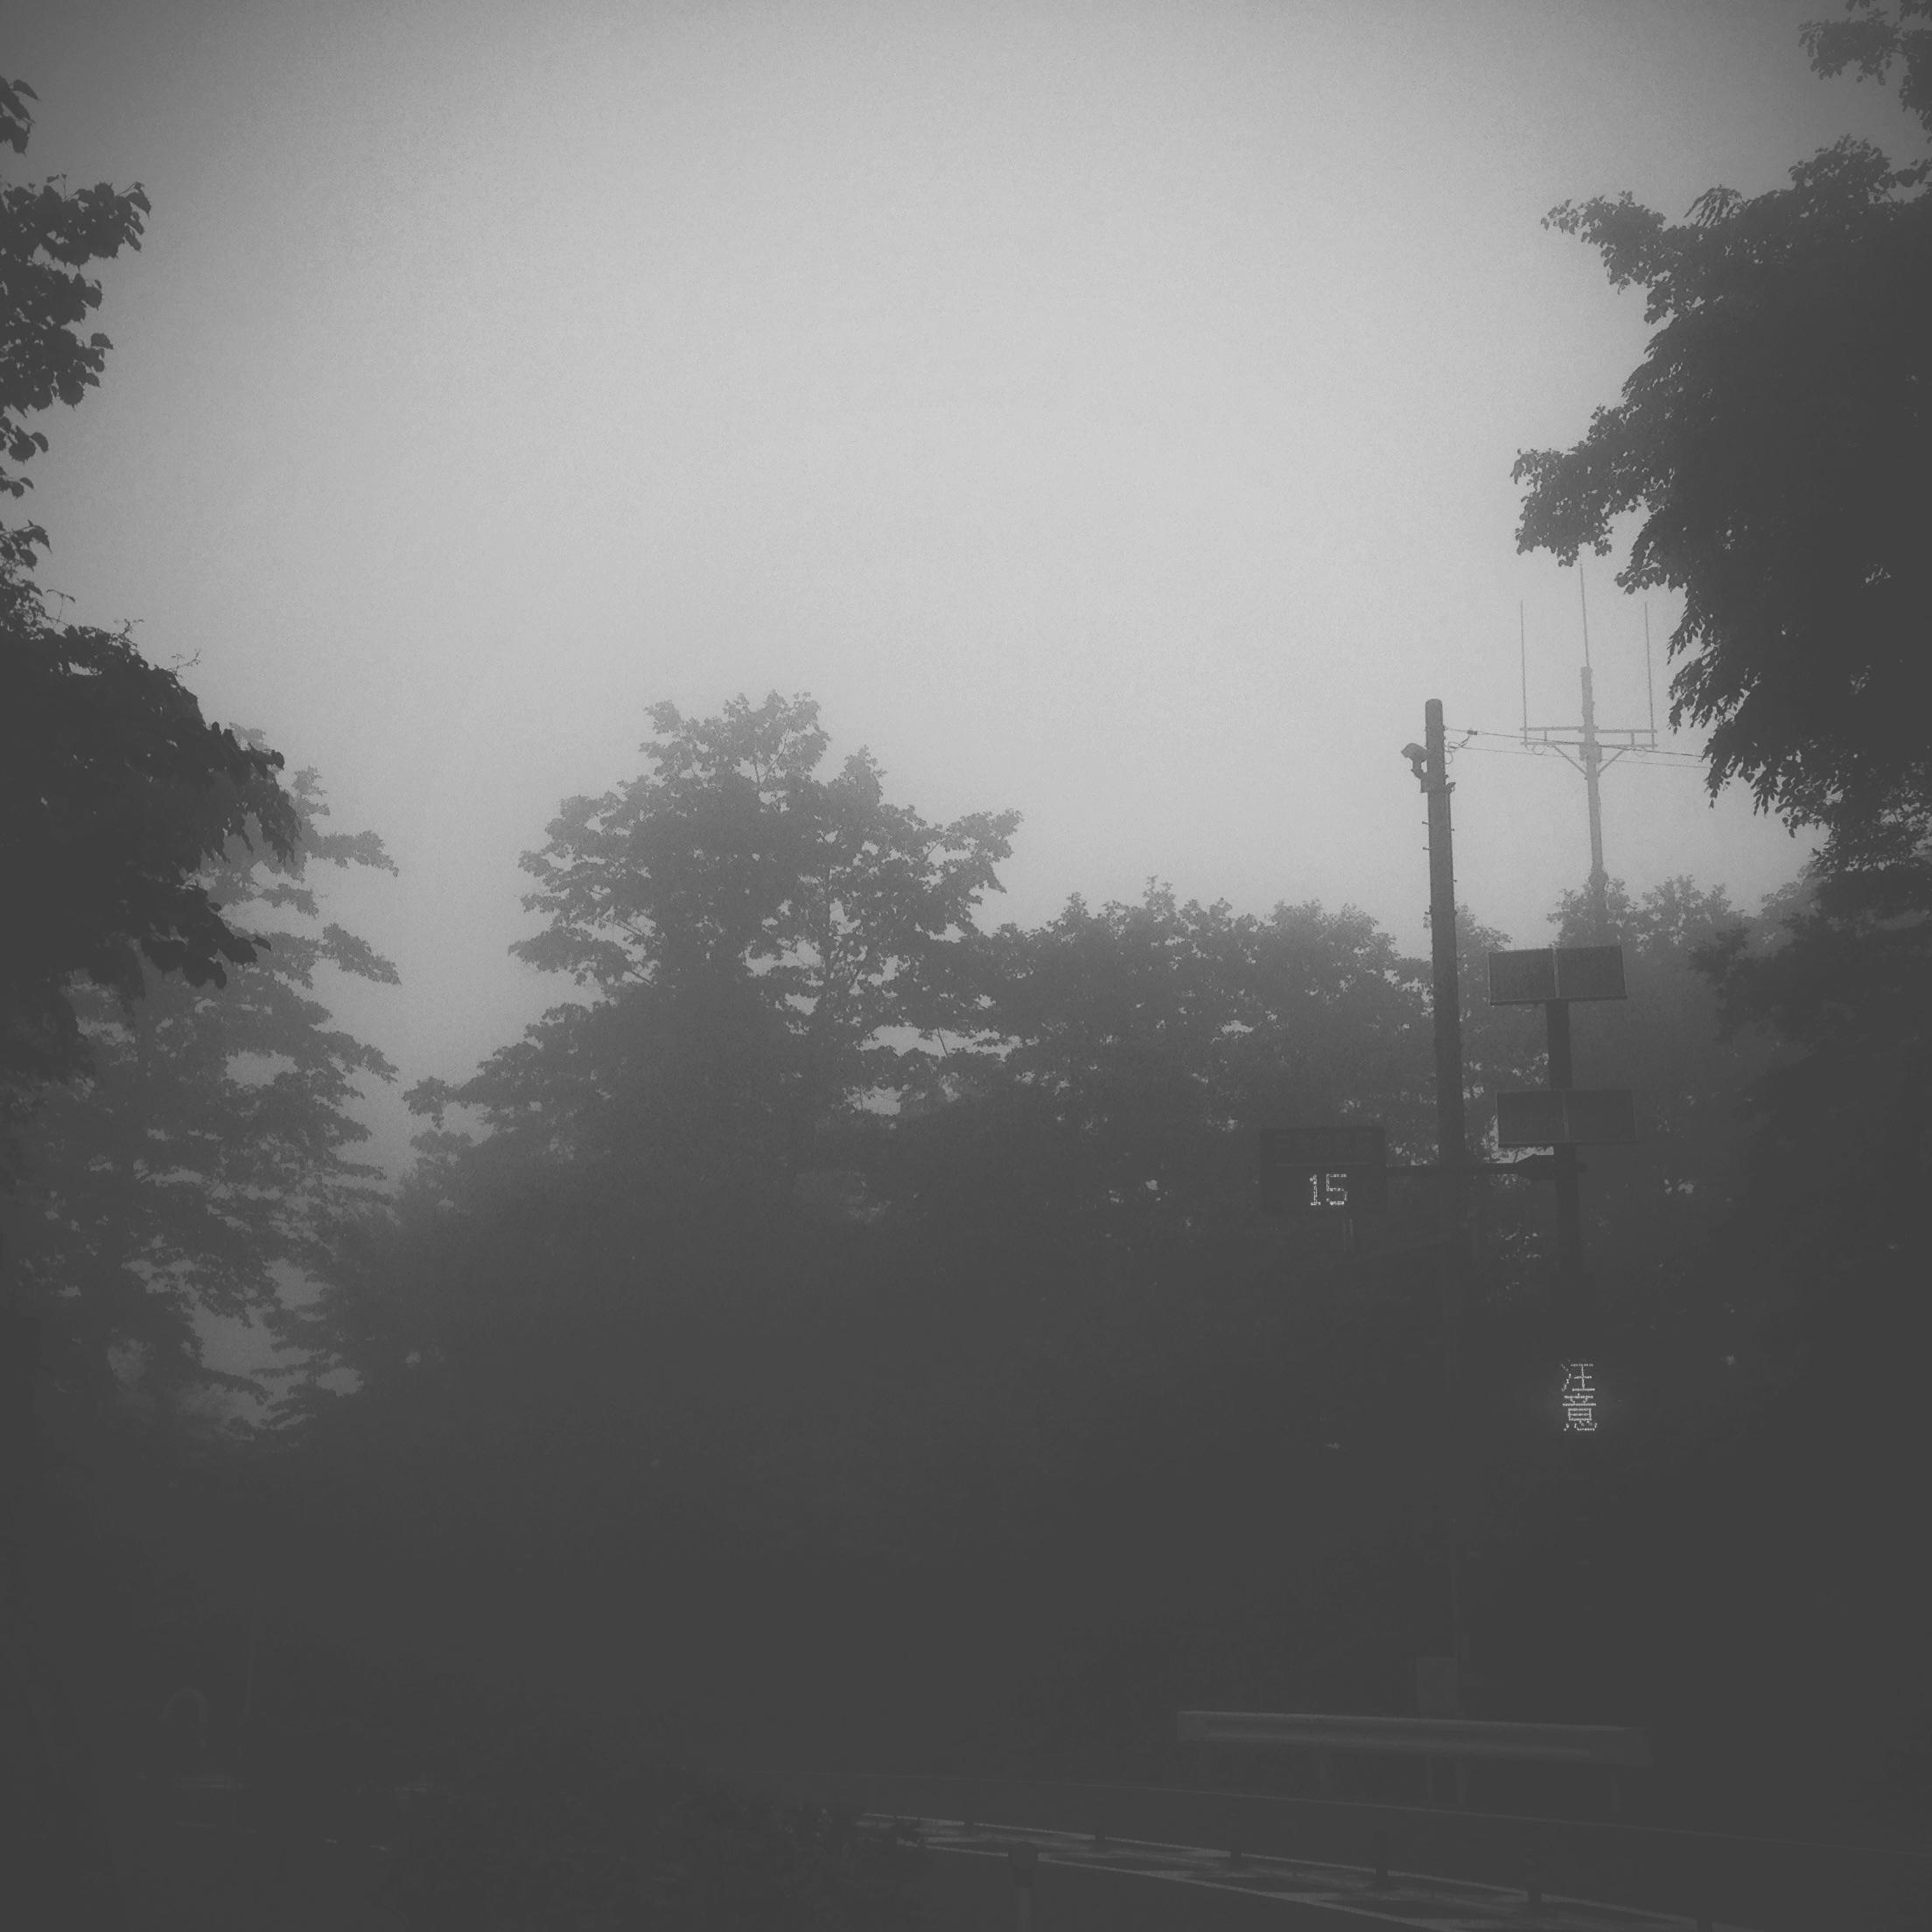 15 degrees. 都民の森